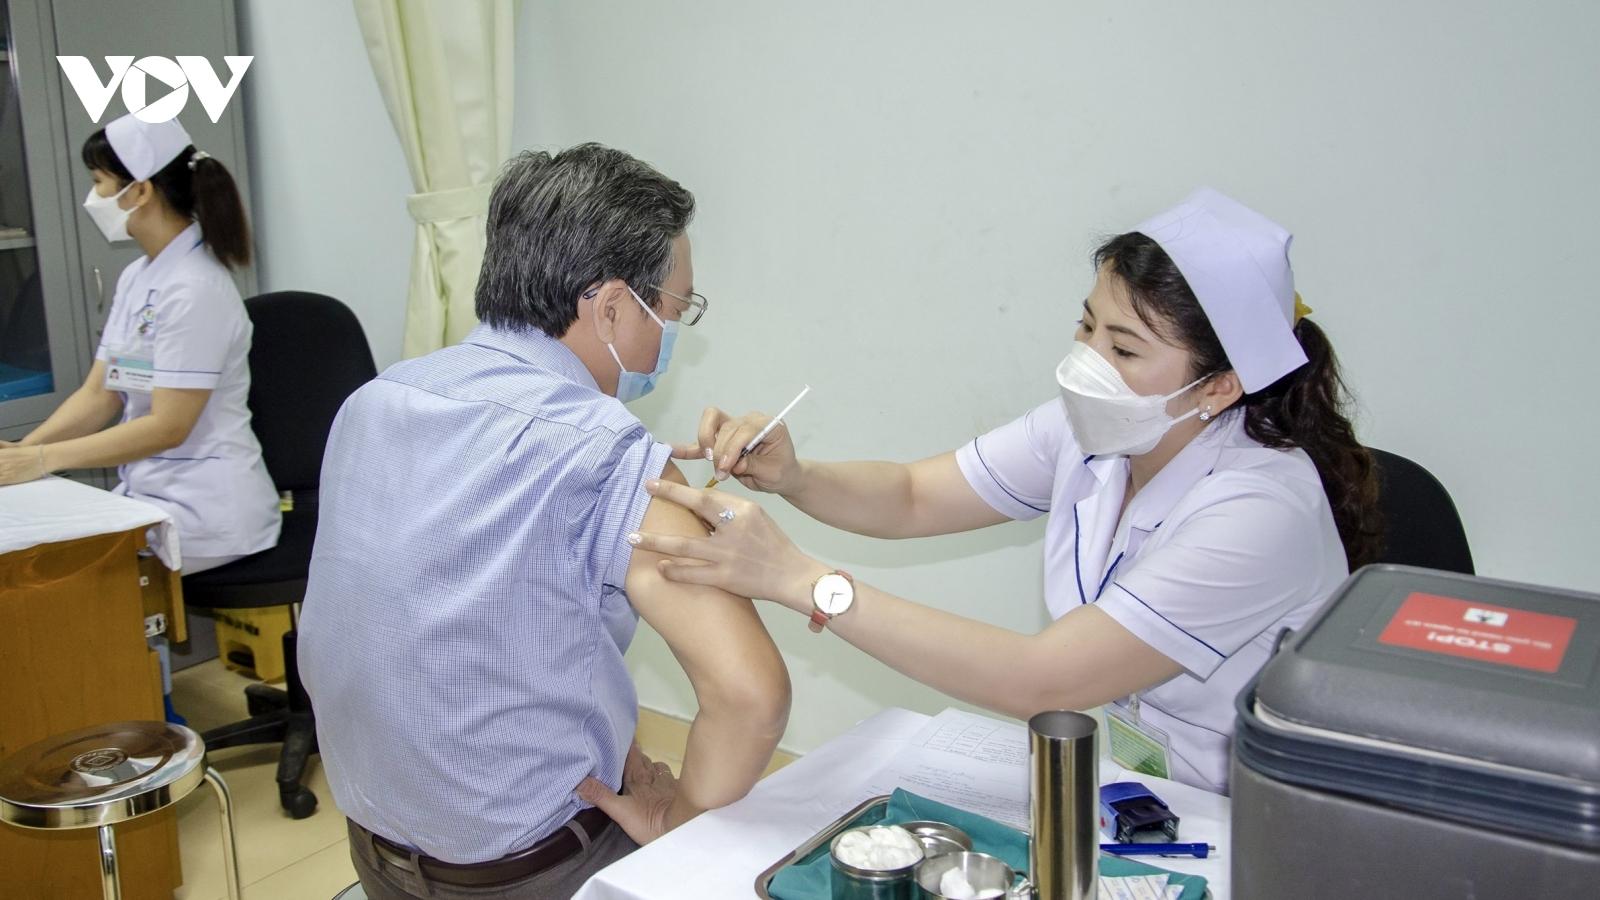 Bà Rịa - Vũng Tàu đủ vaccine tiêm miễn phí cho 70% dân số